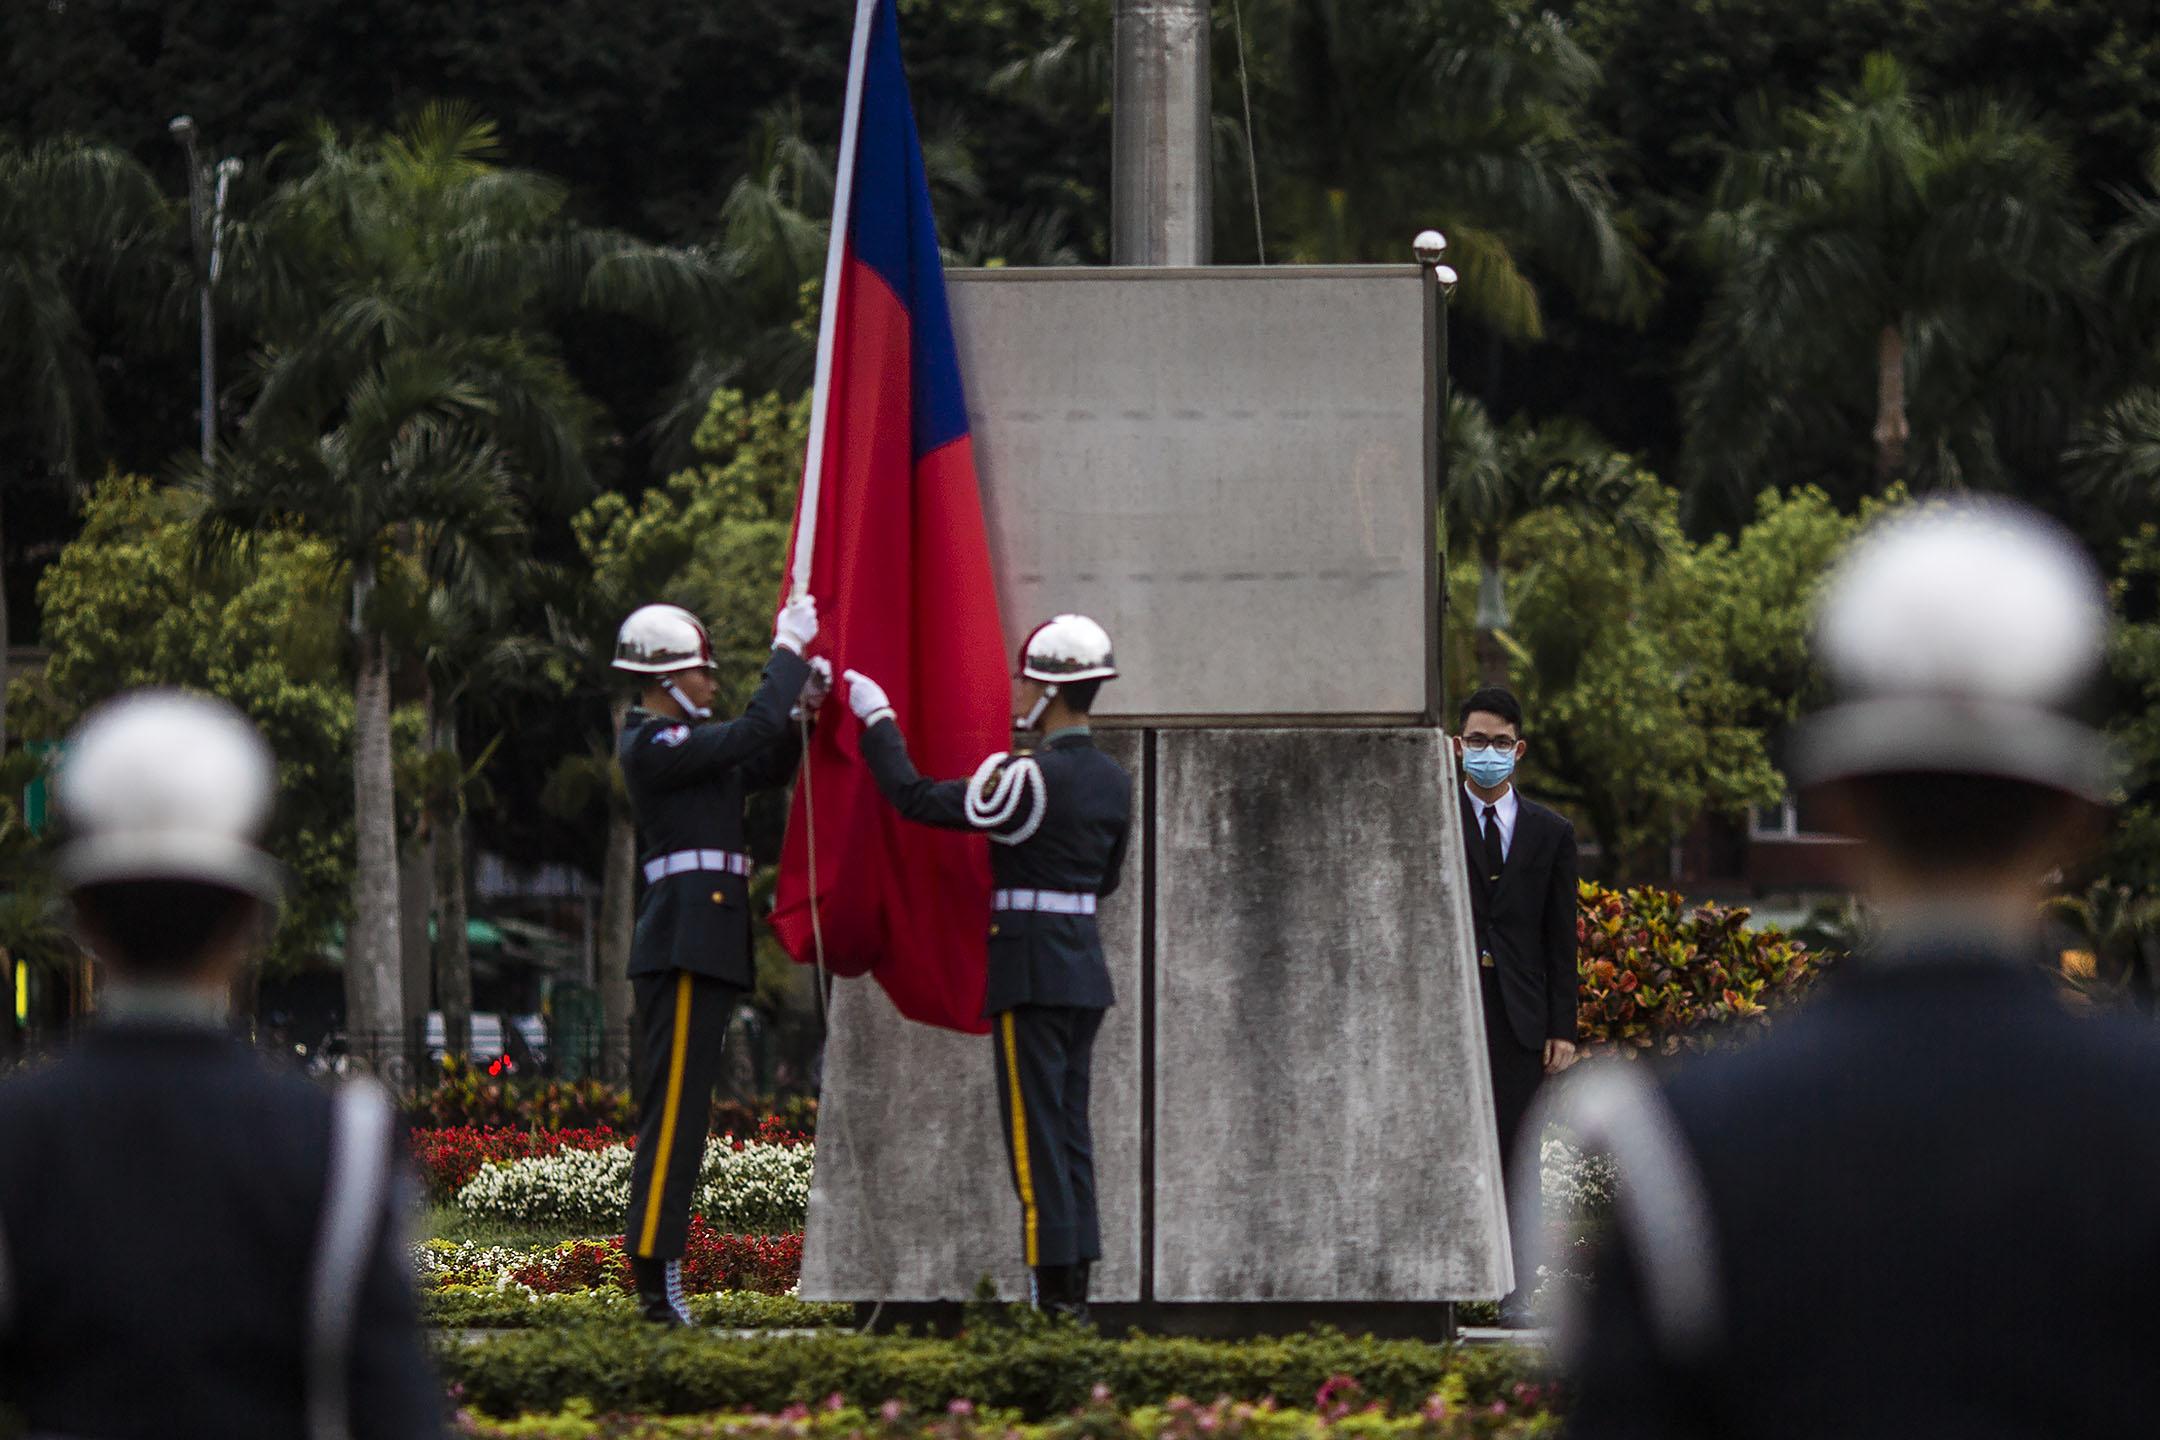 2020年4月7日,台北國父紀念館,三軍儀隊走到升旗台舉行降旗儀式。